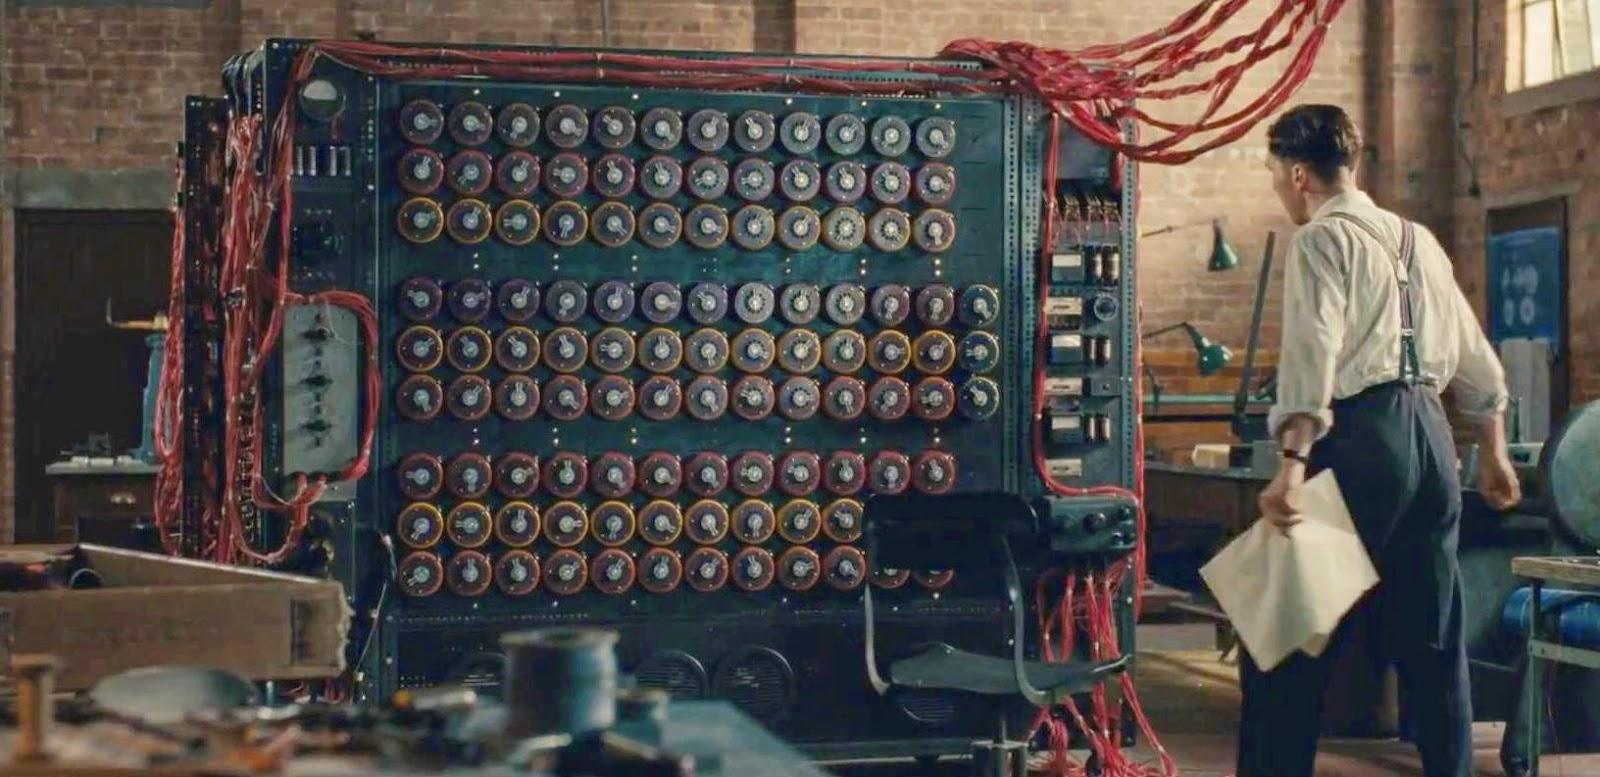 Mesin pemecah kode Enigma